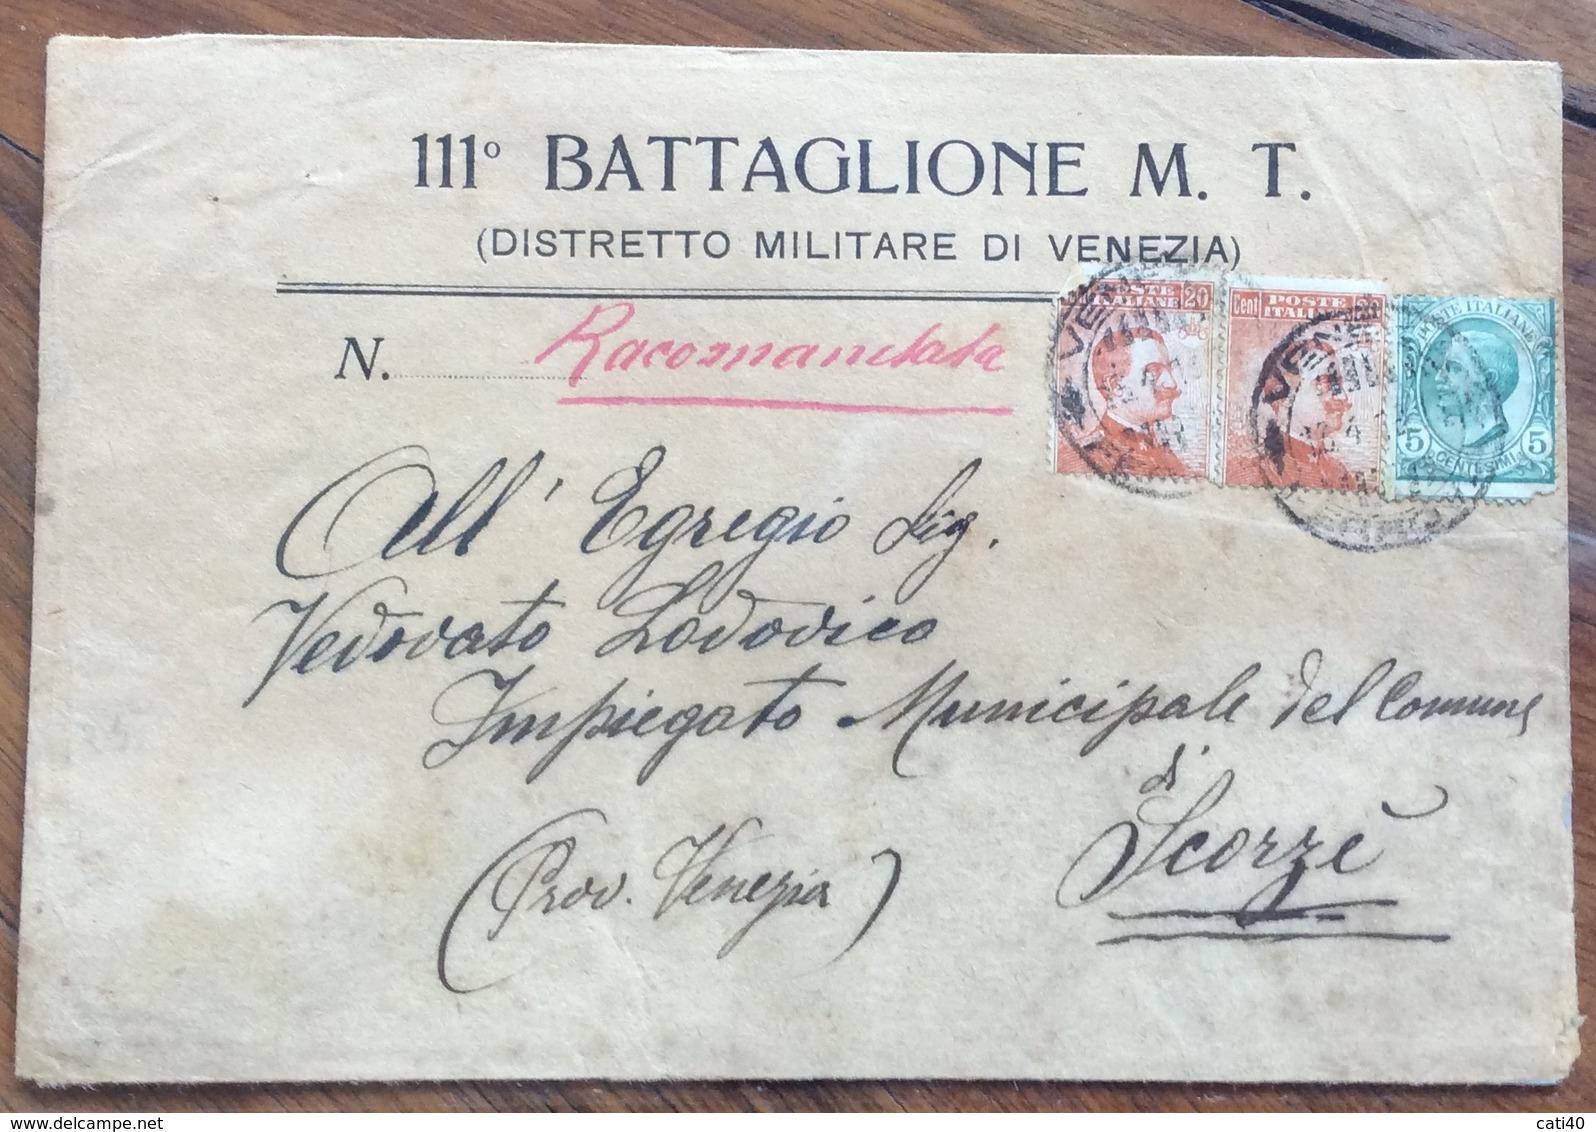 111 BATTAGLIONE M.T. DISTRETTO MILITARE VENEZIA RACCOMANDATA PER SCORZE' DEL 15/4/18 - 1900-44 Vittorio Emanuele III